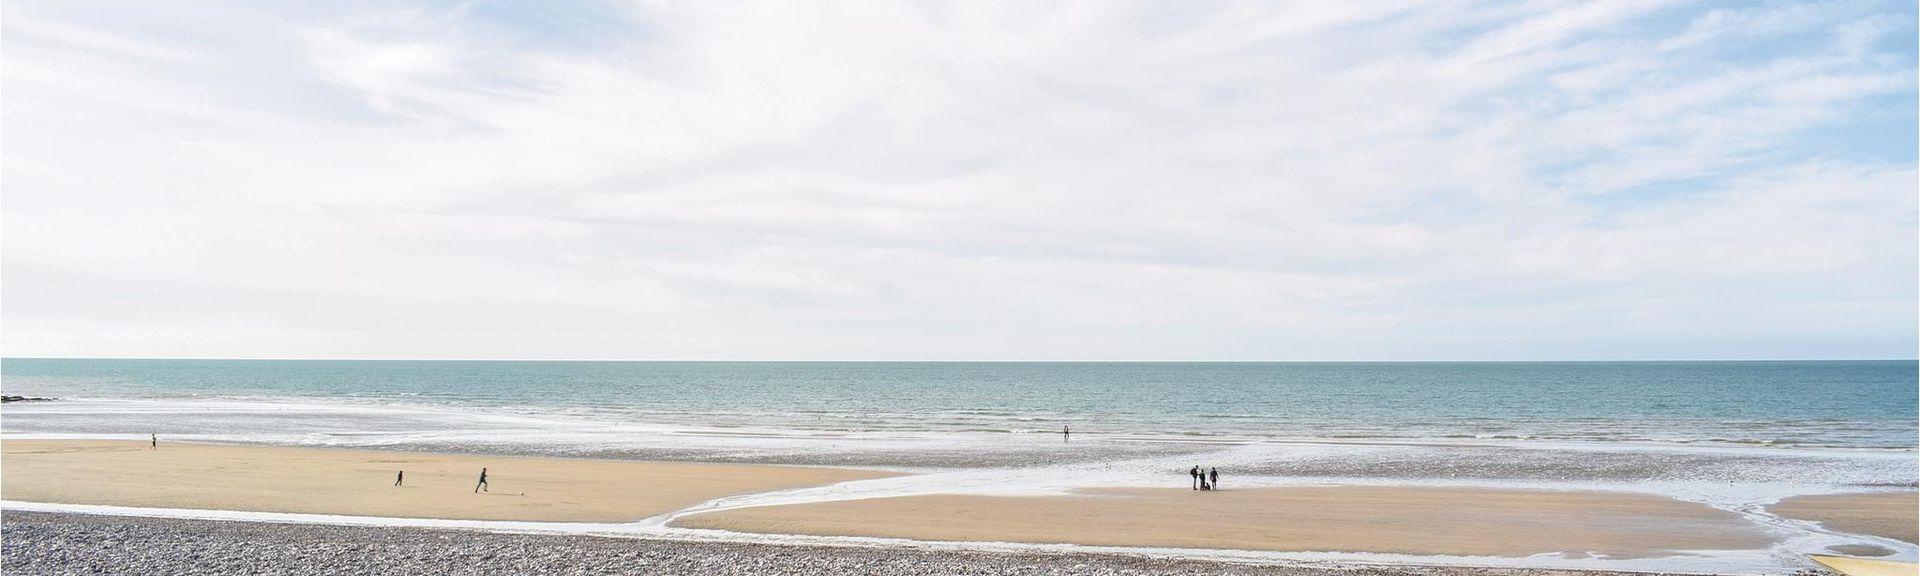 La Chapelle-sur-Dun, Normandie, Frankreich